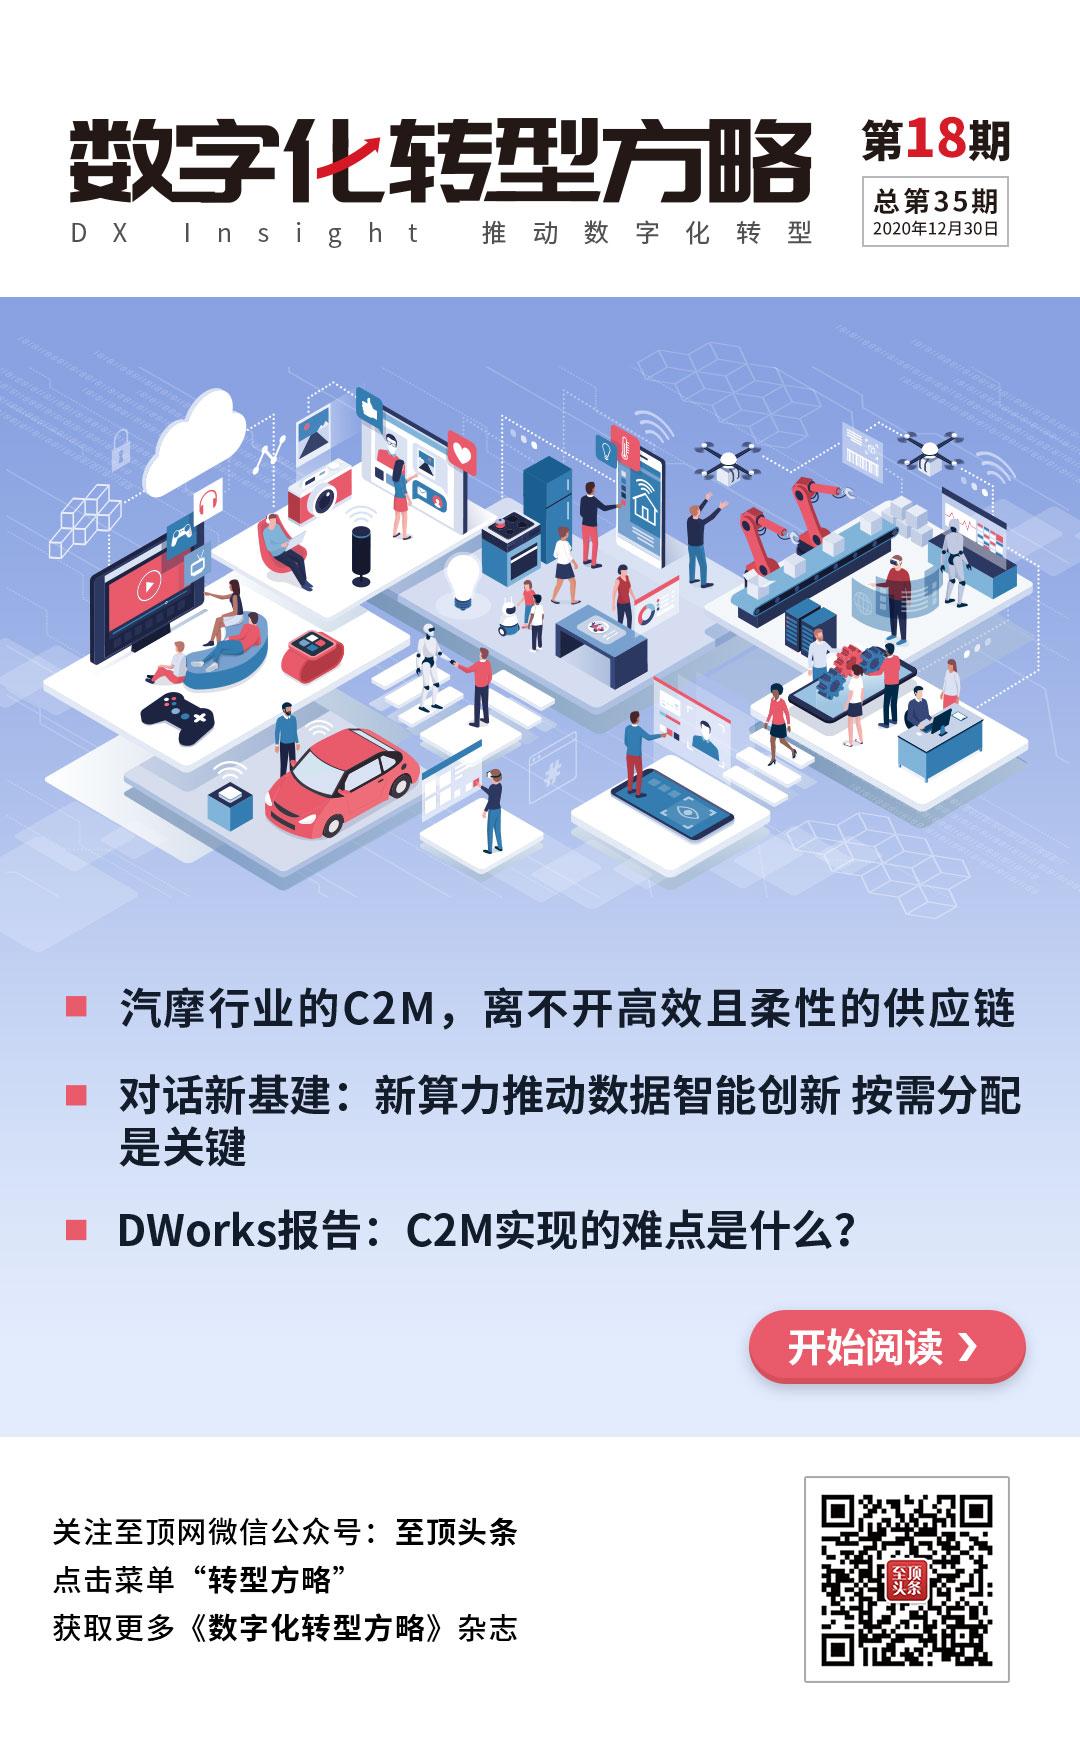 《数字化转型方略》第十八期 - 至顶网